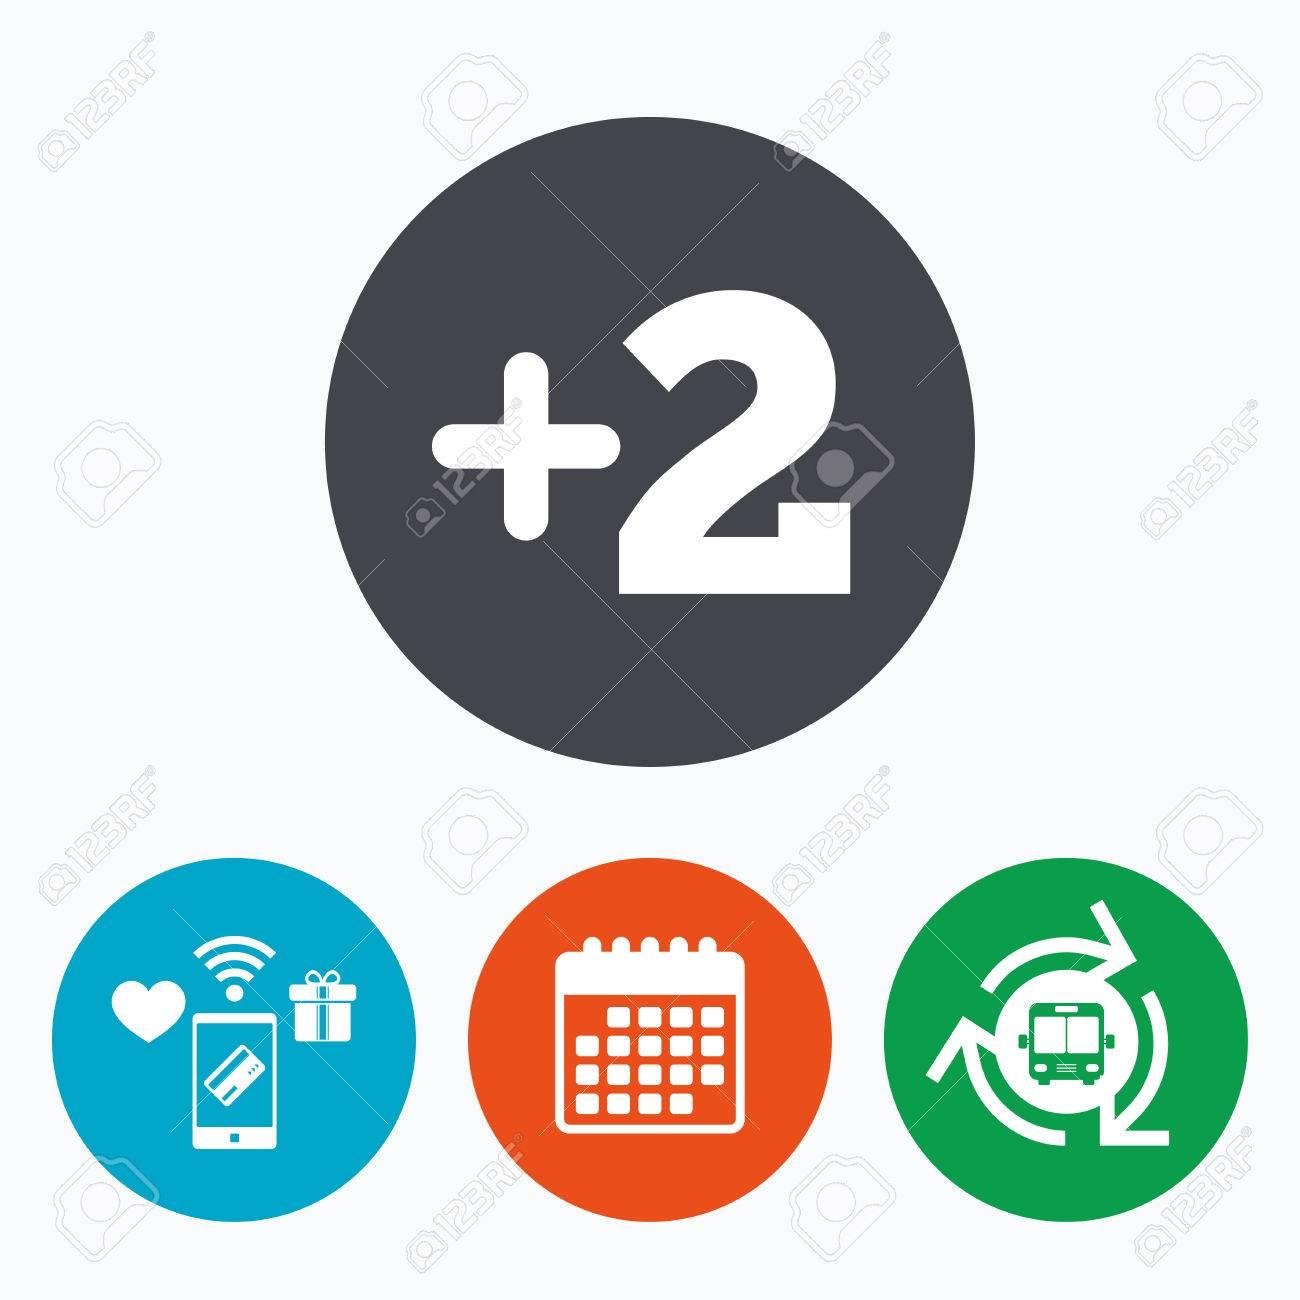 Due Piu Mobili.Piu Due Segno Aggiungere Due Simbolo Ancora Due Pagamenti Mobili Calendario E Wifi Icone Bus Navetta